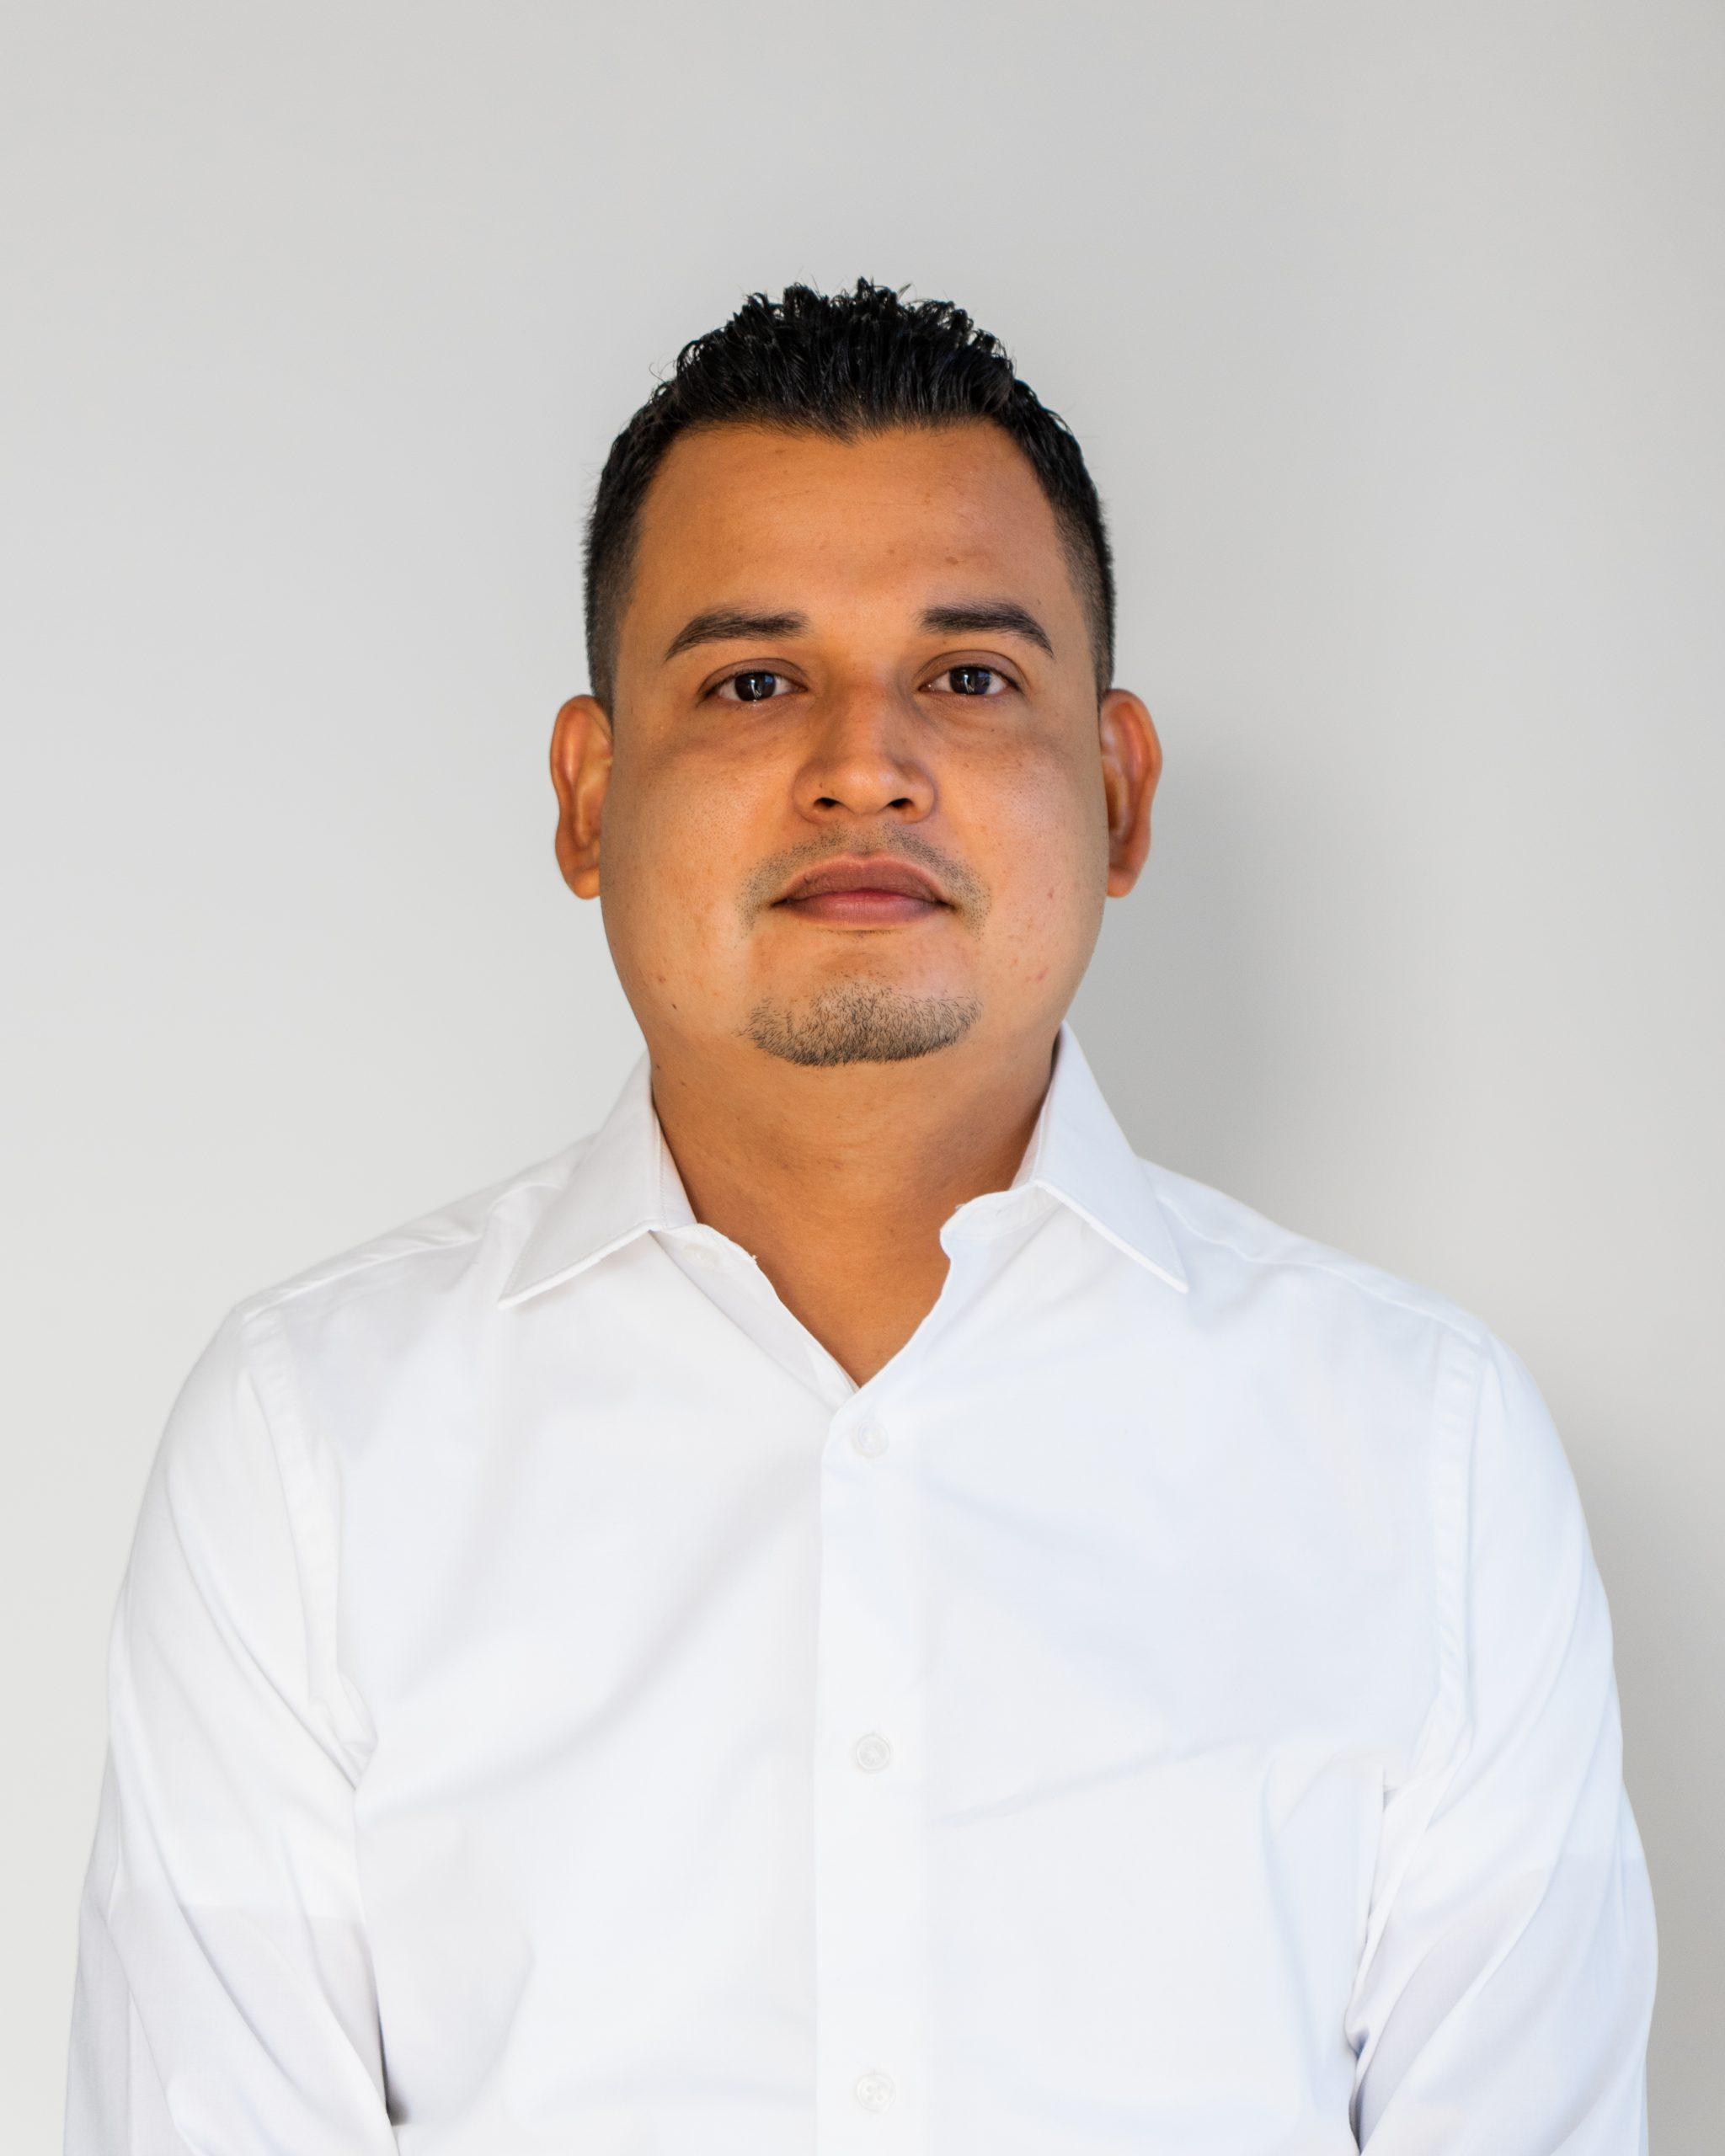 Felix Talavera